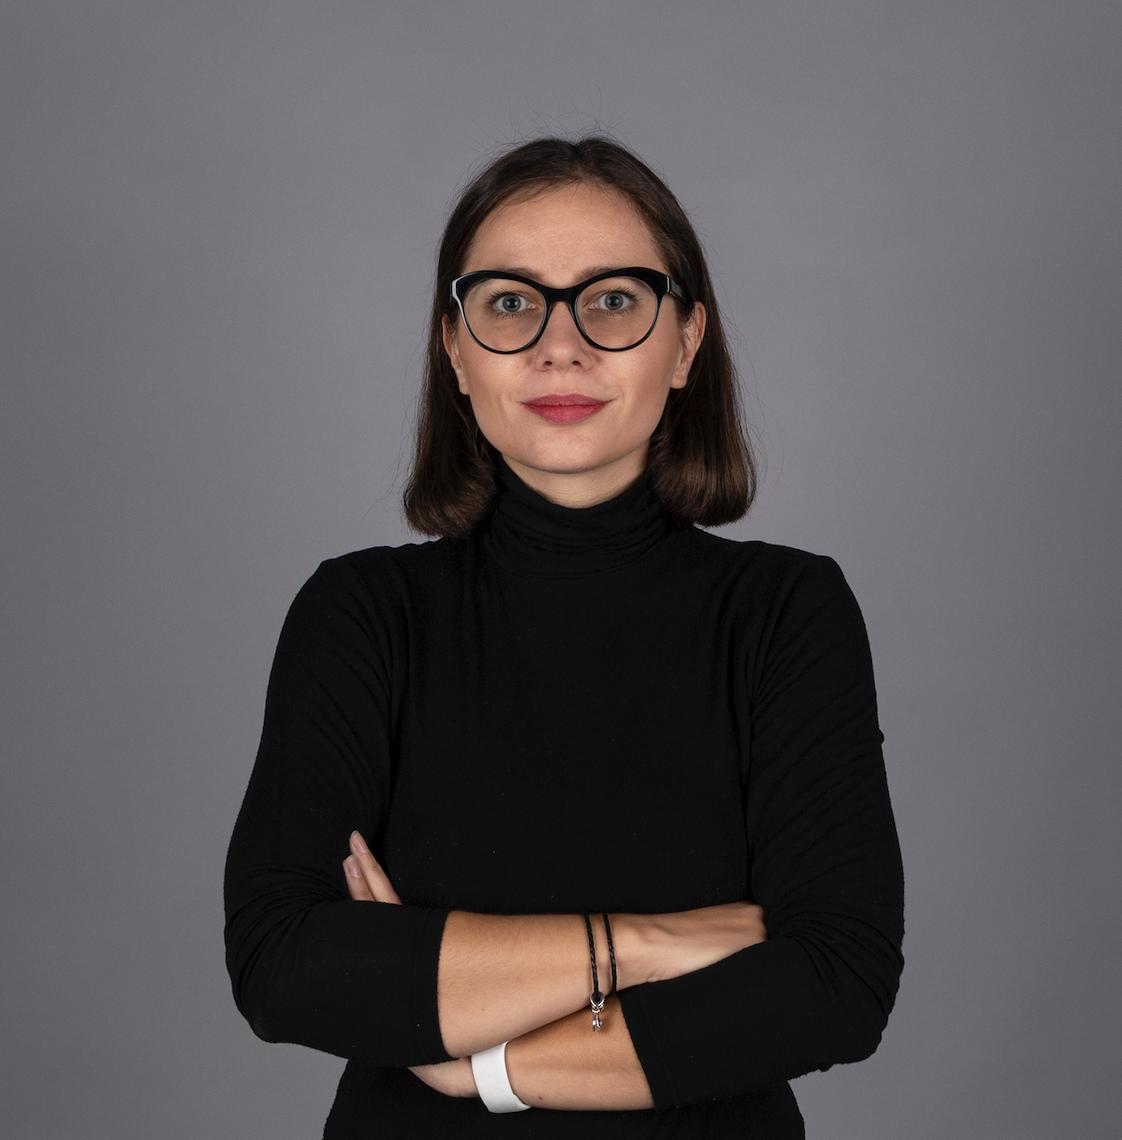 Blažena Sedrovičová